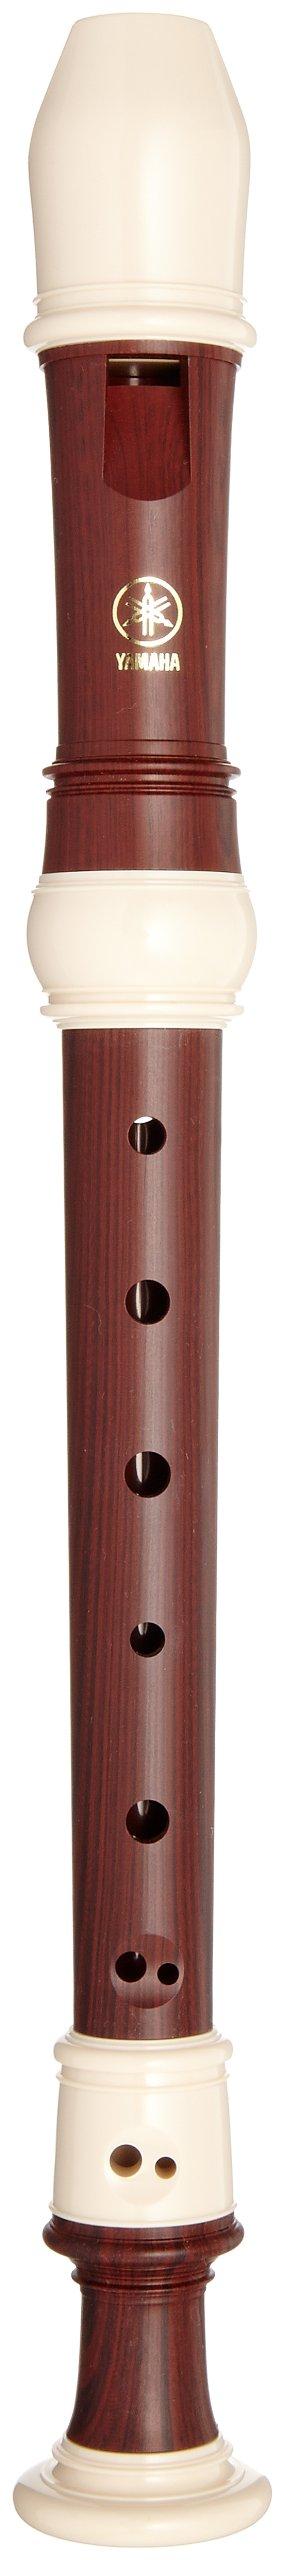 Yamaha YRS312B Soprano Recorder